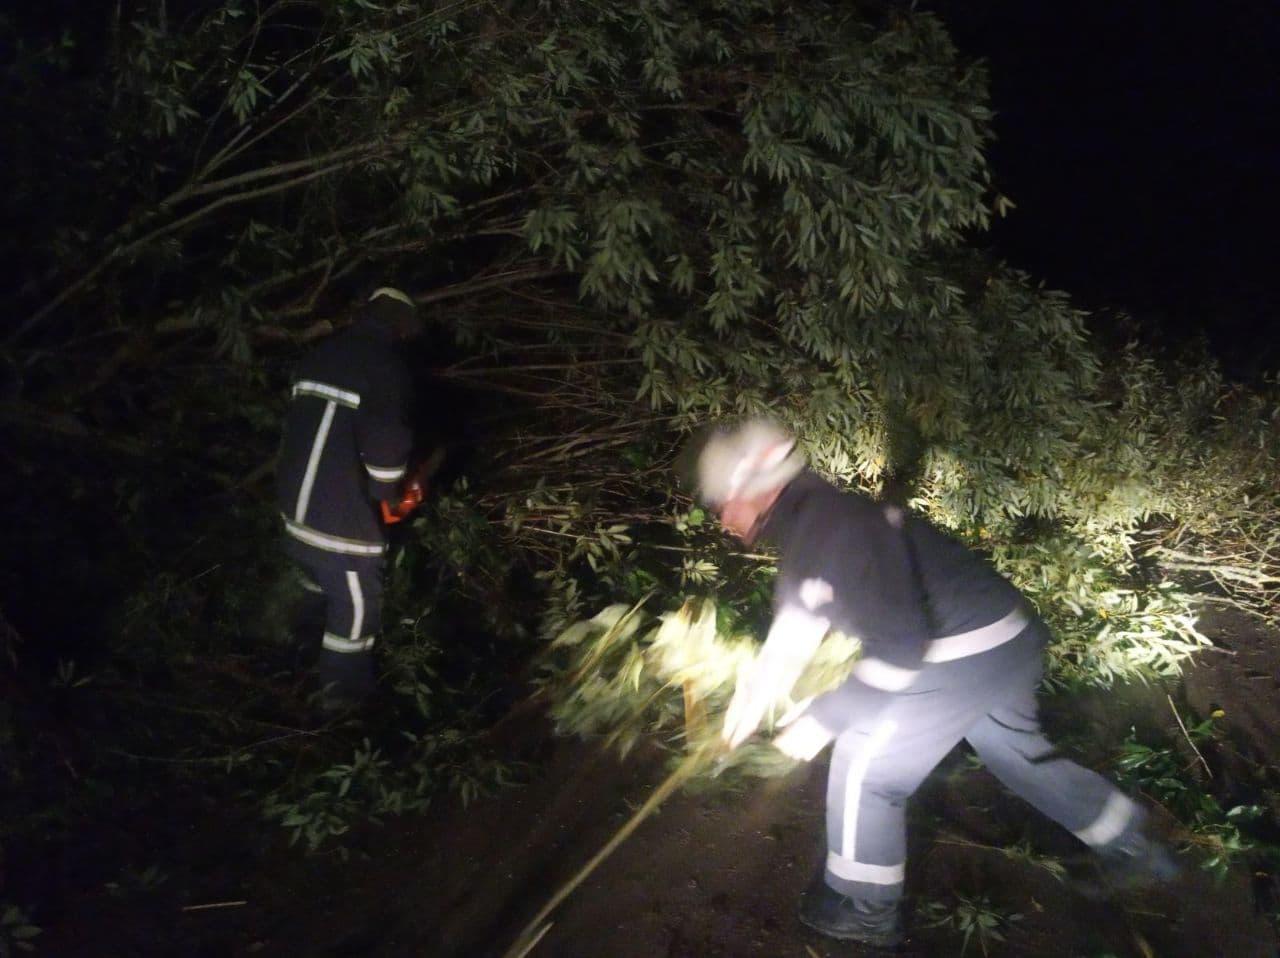 Кубло ос та повалені дерева: волинські рятувальники тричі за добу виїжджали для проведення аварійно-рятувальних робіт